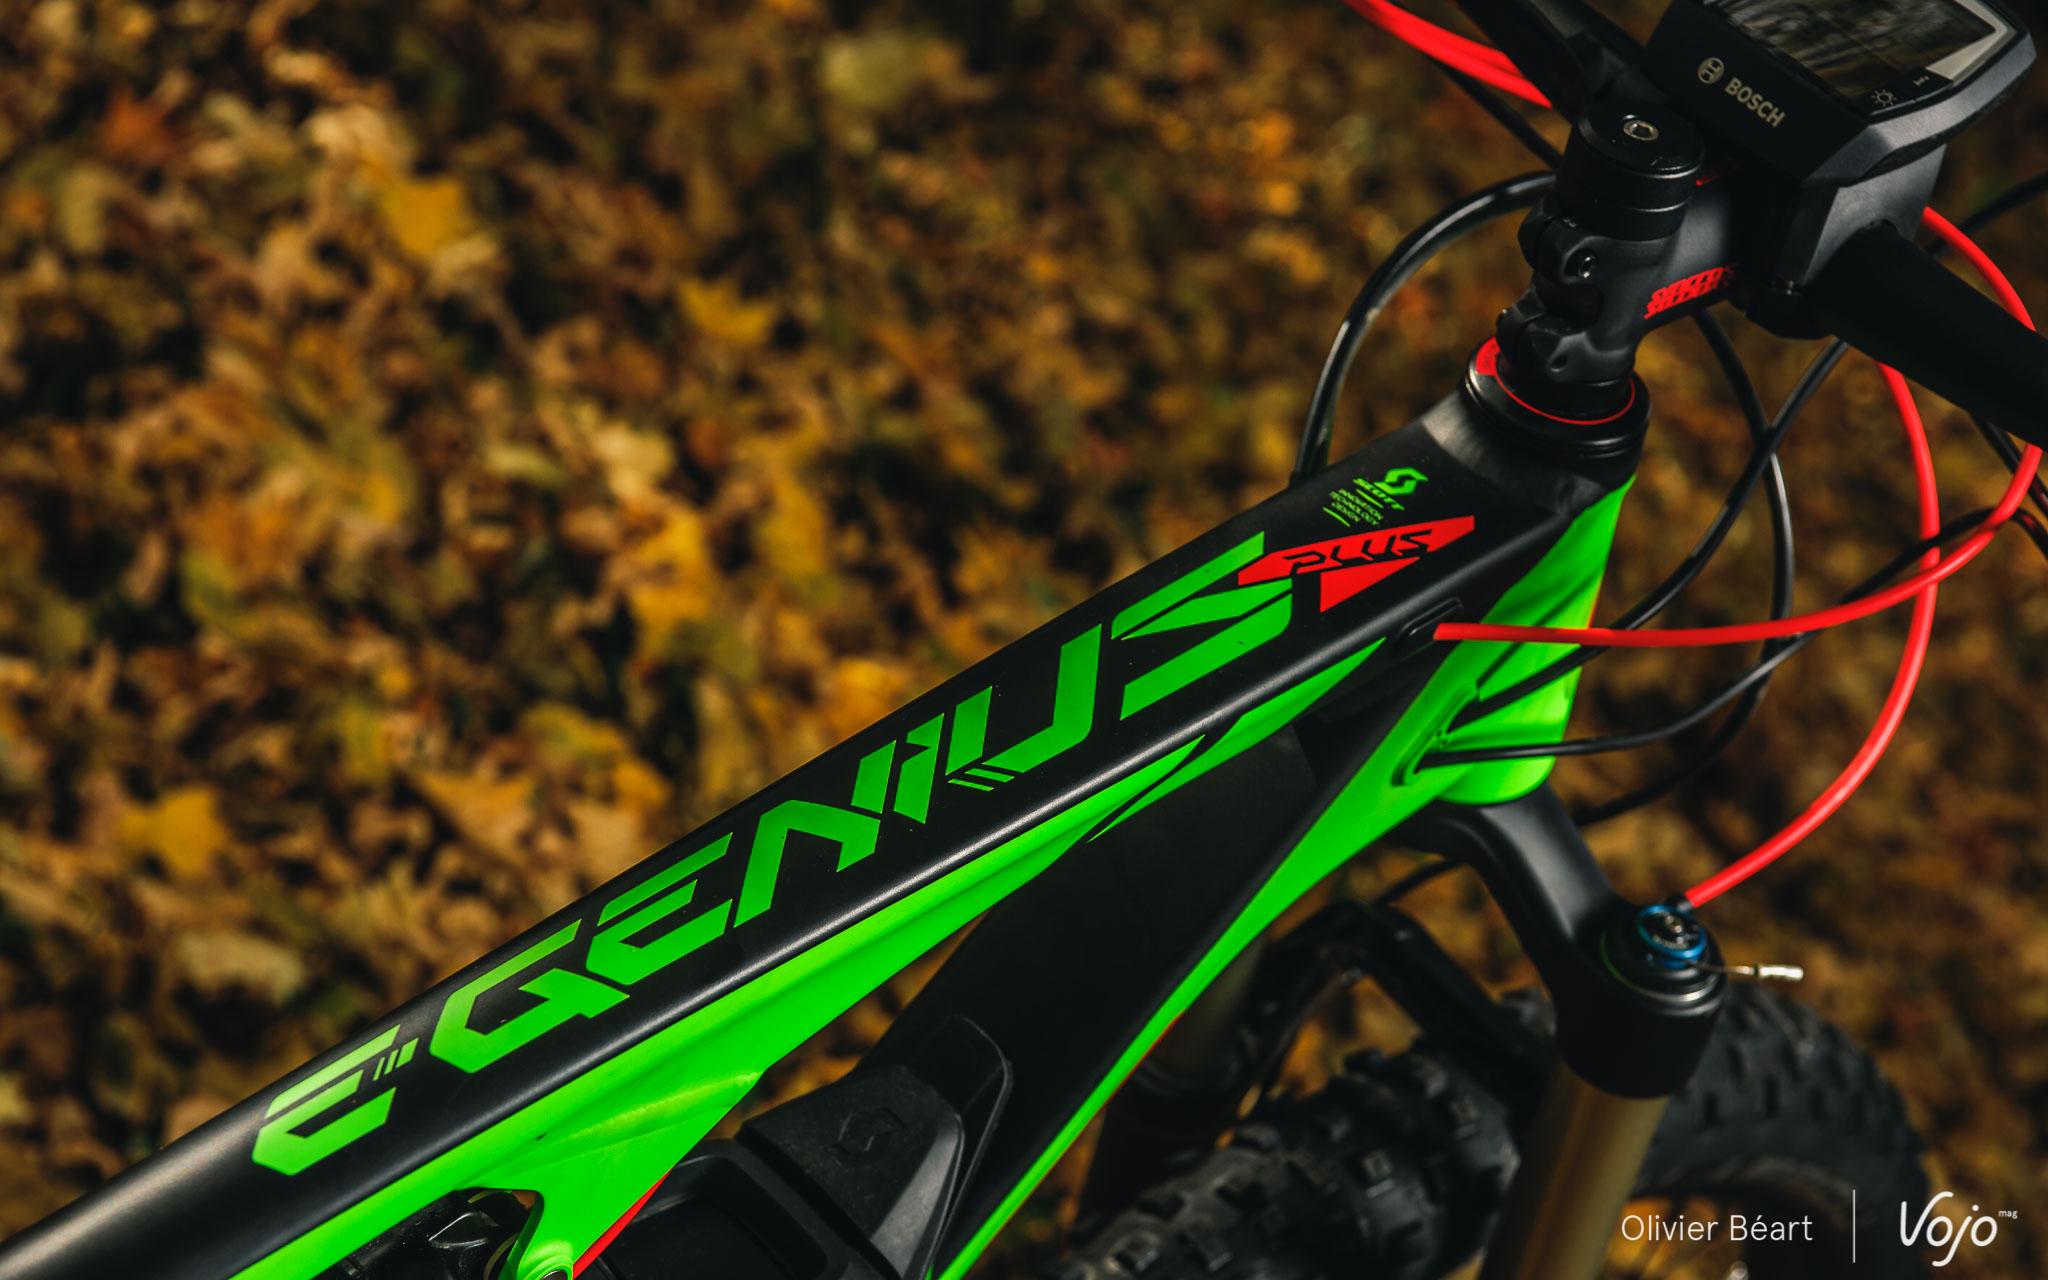 Scott_e_Genius_Test_b_Bicycle_VojoMag-5